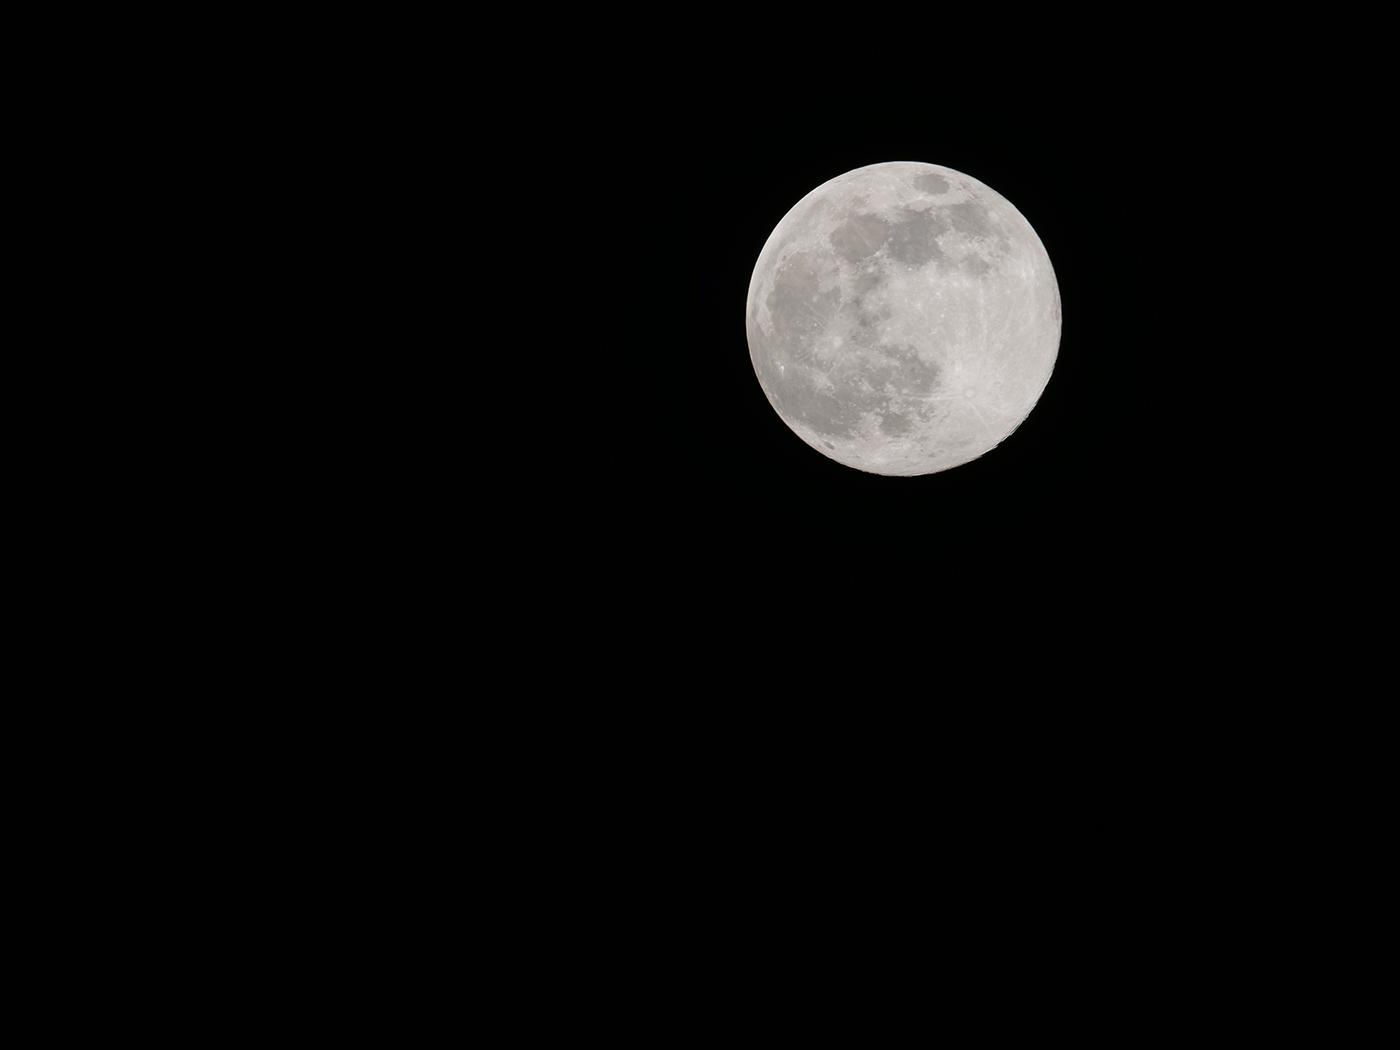 tuto pour prendre des photos de la Lune